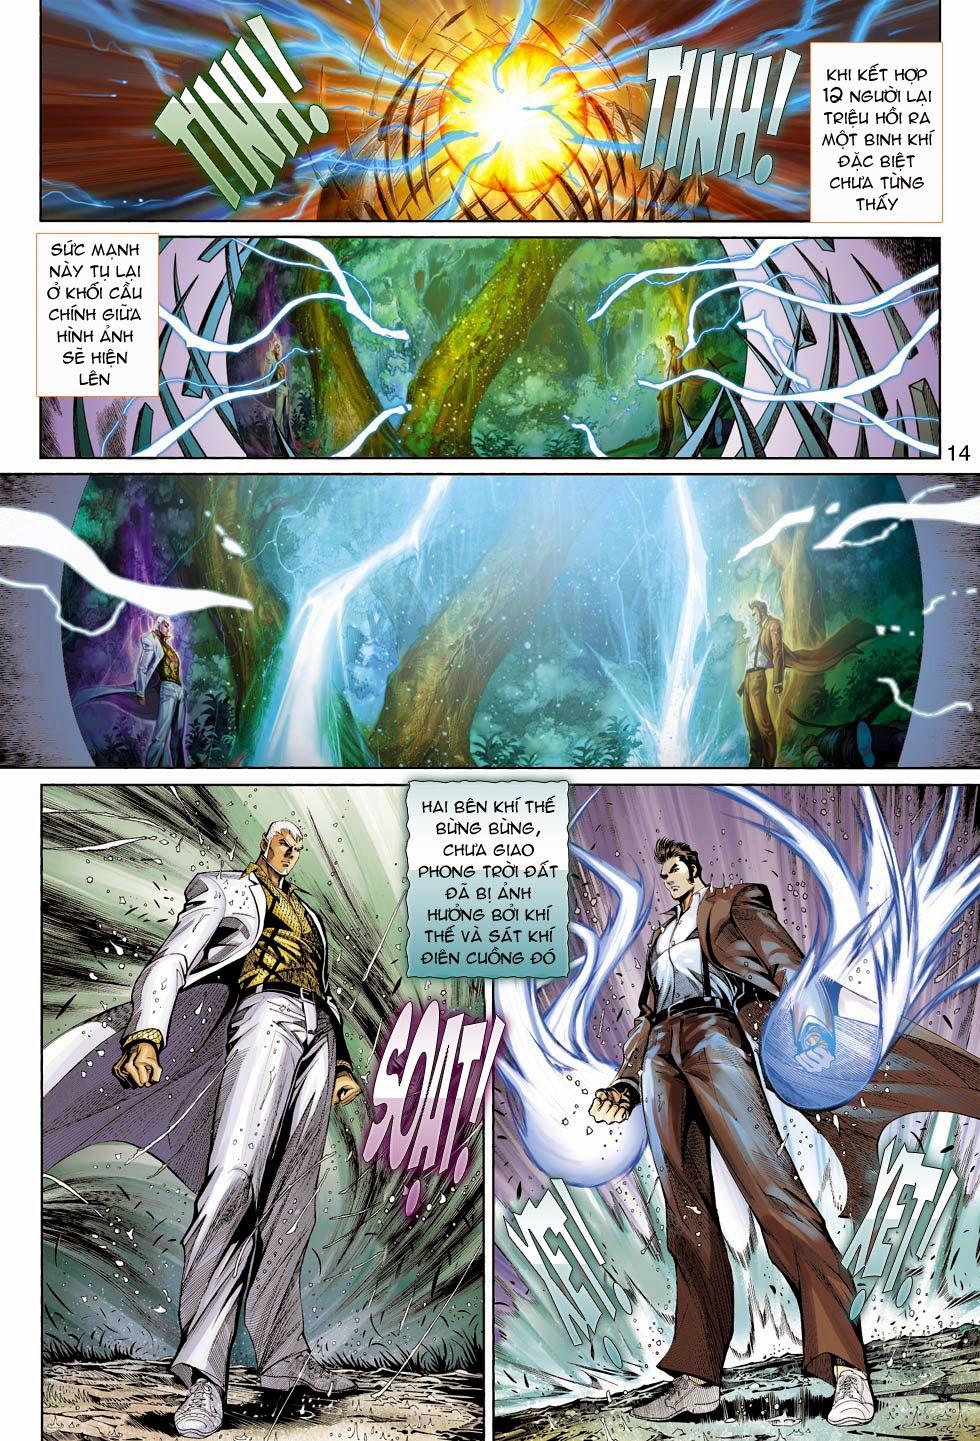 Thần Binh 4 chap 26 - Trang 15